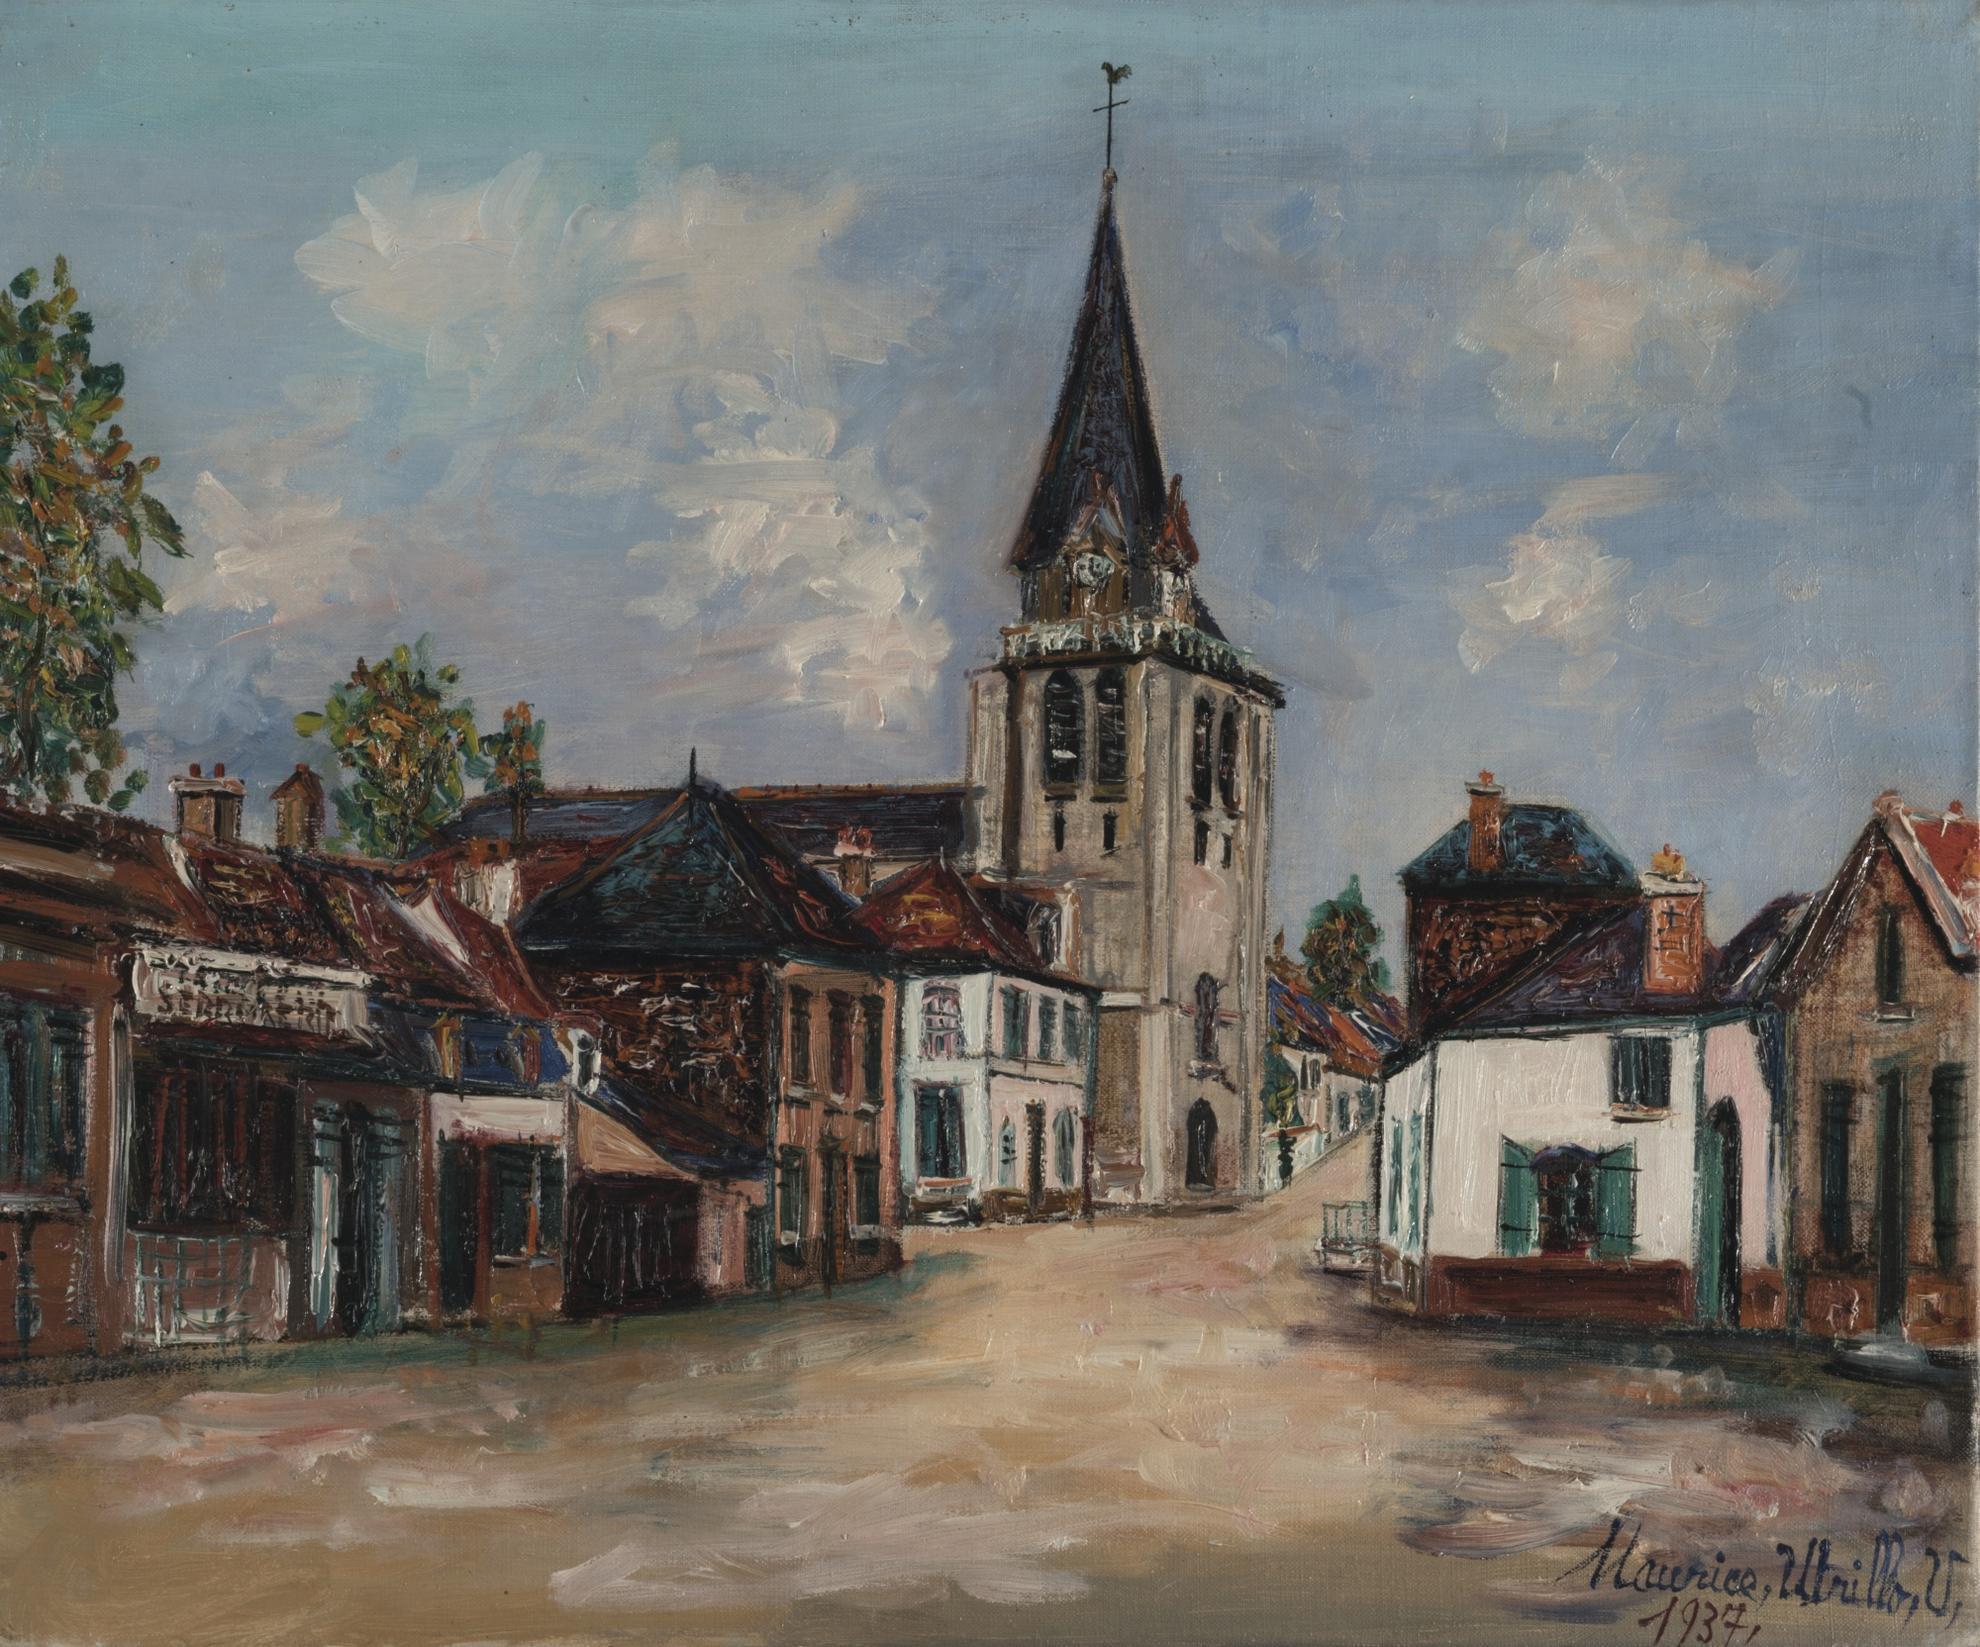 Maurice Utrillo-Rue De Leglise, Bucquoy (Pas-De-Calais)-1937